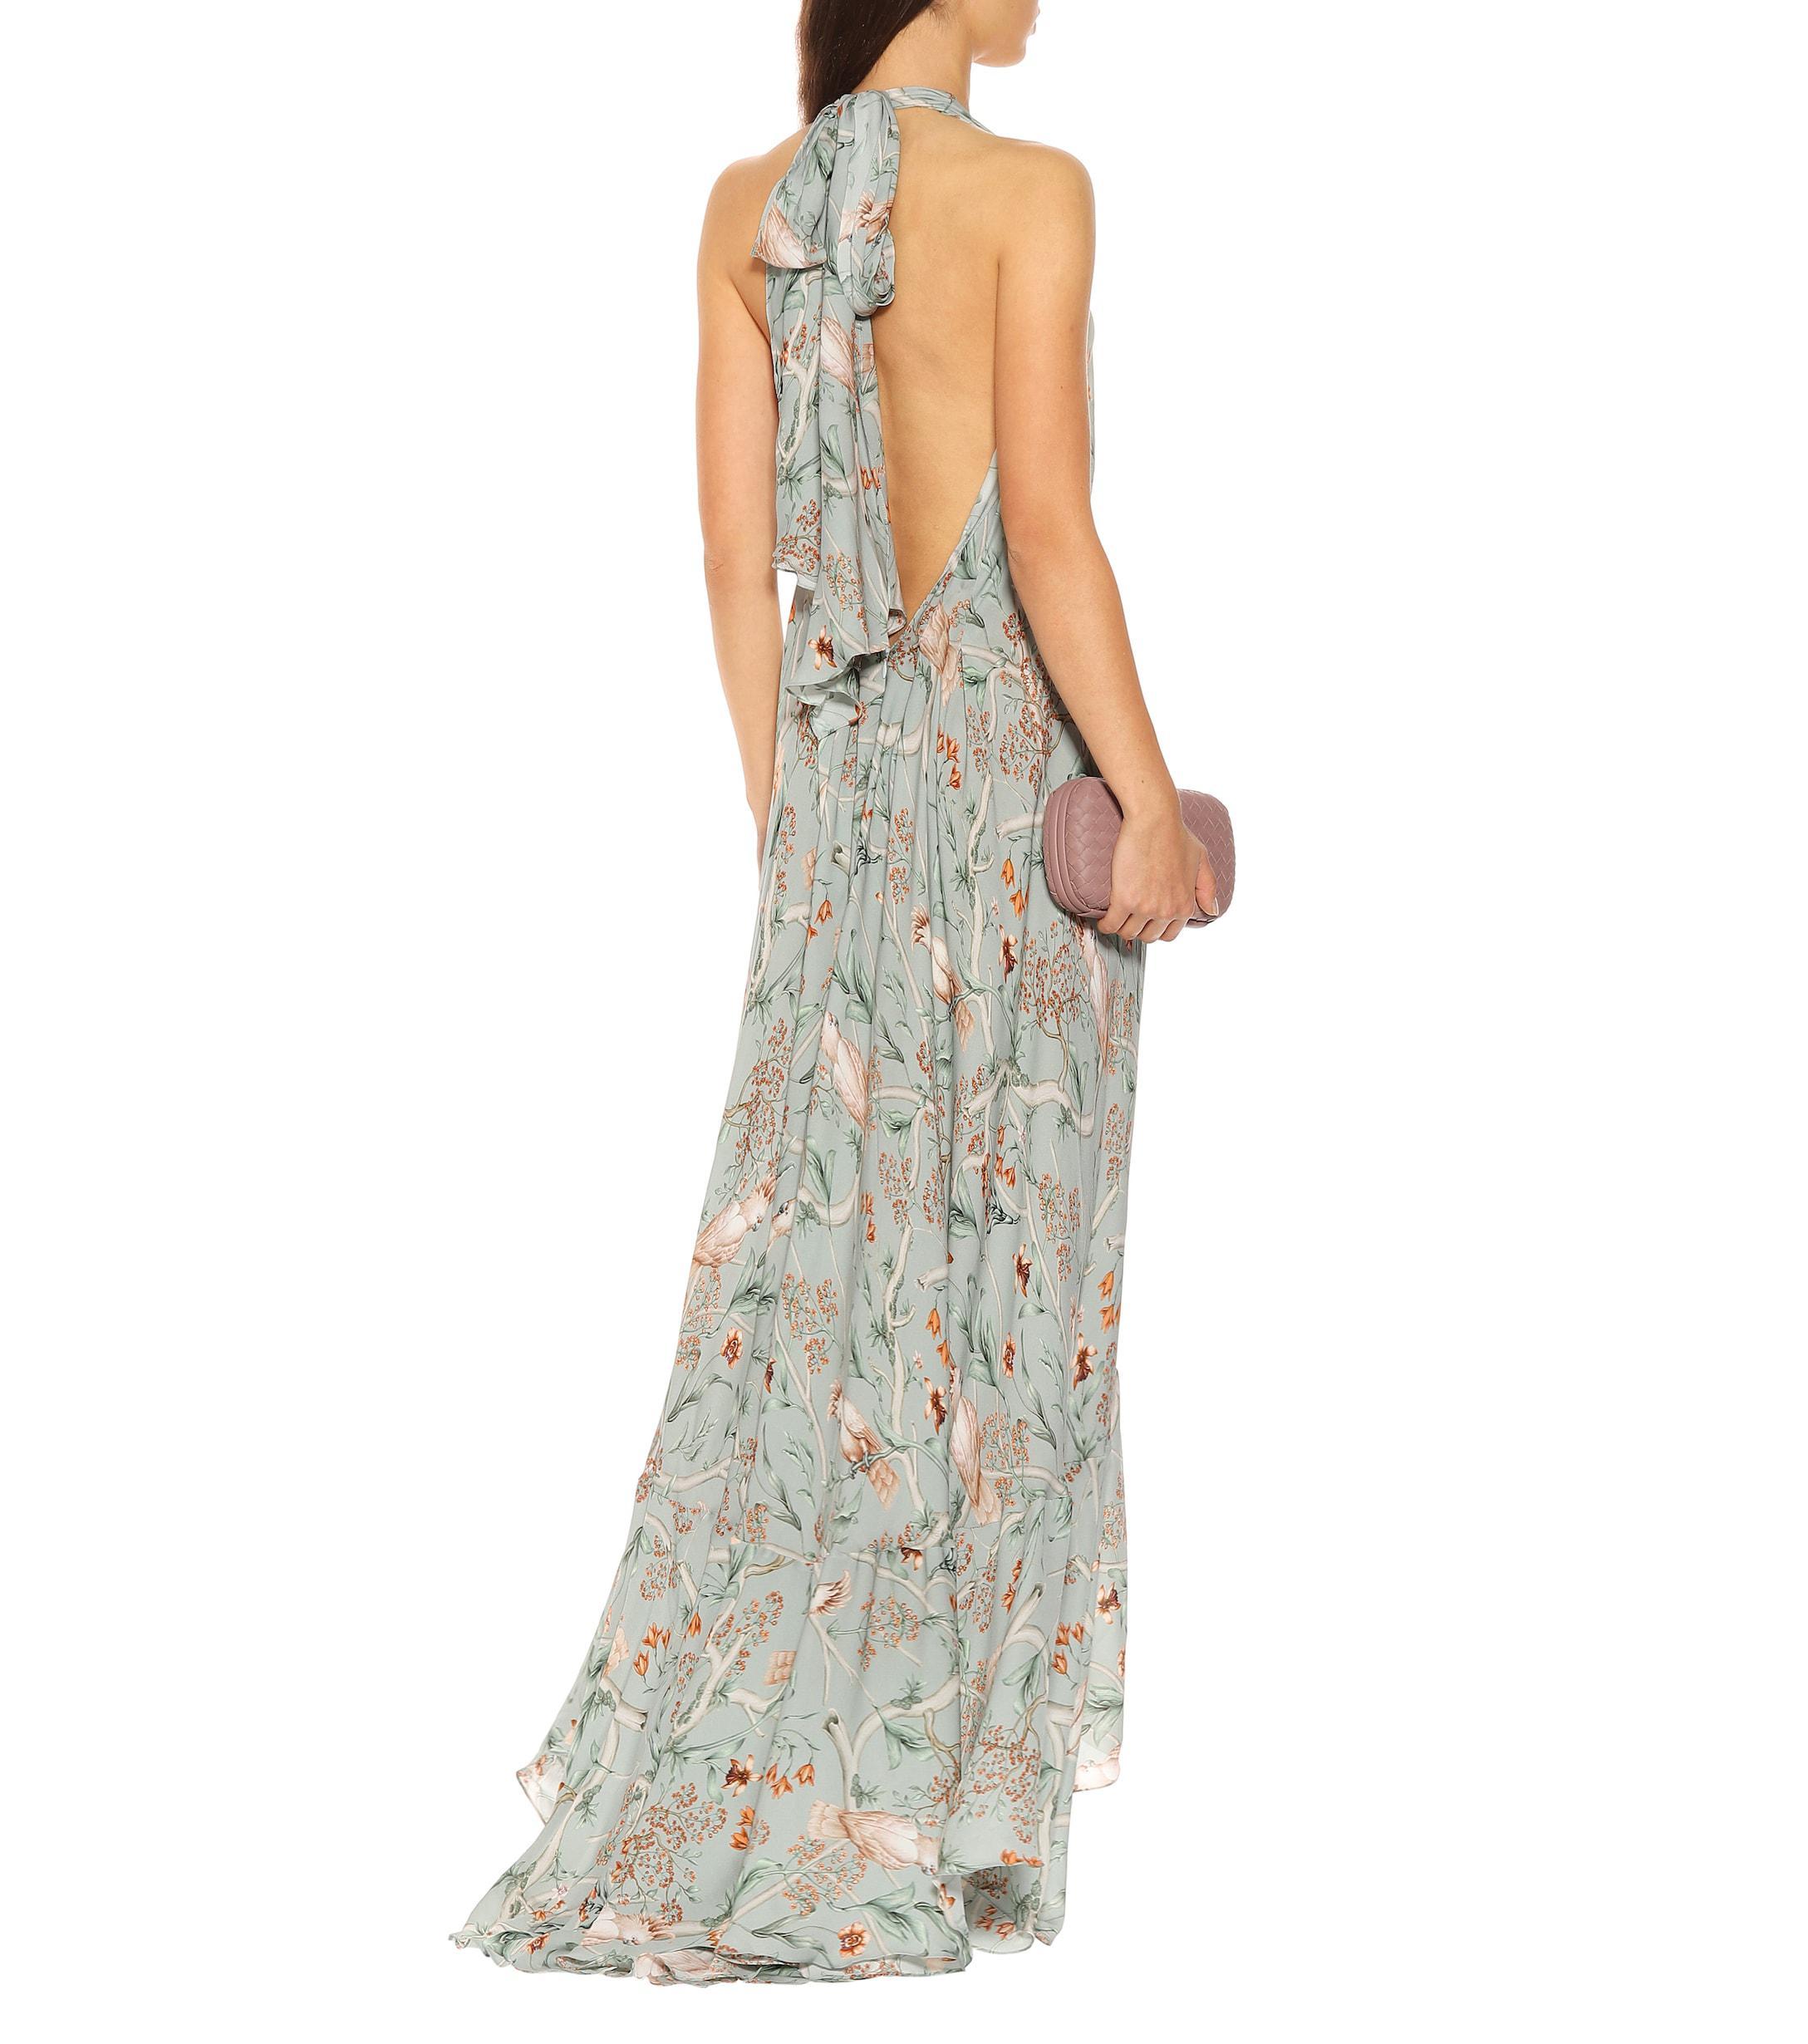 7a28f83a4c7 Johanna Ortiz Vanuatu Silk Georgette Dress in Green - Lyst